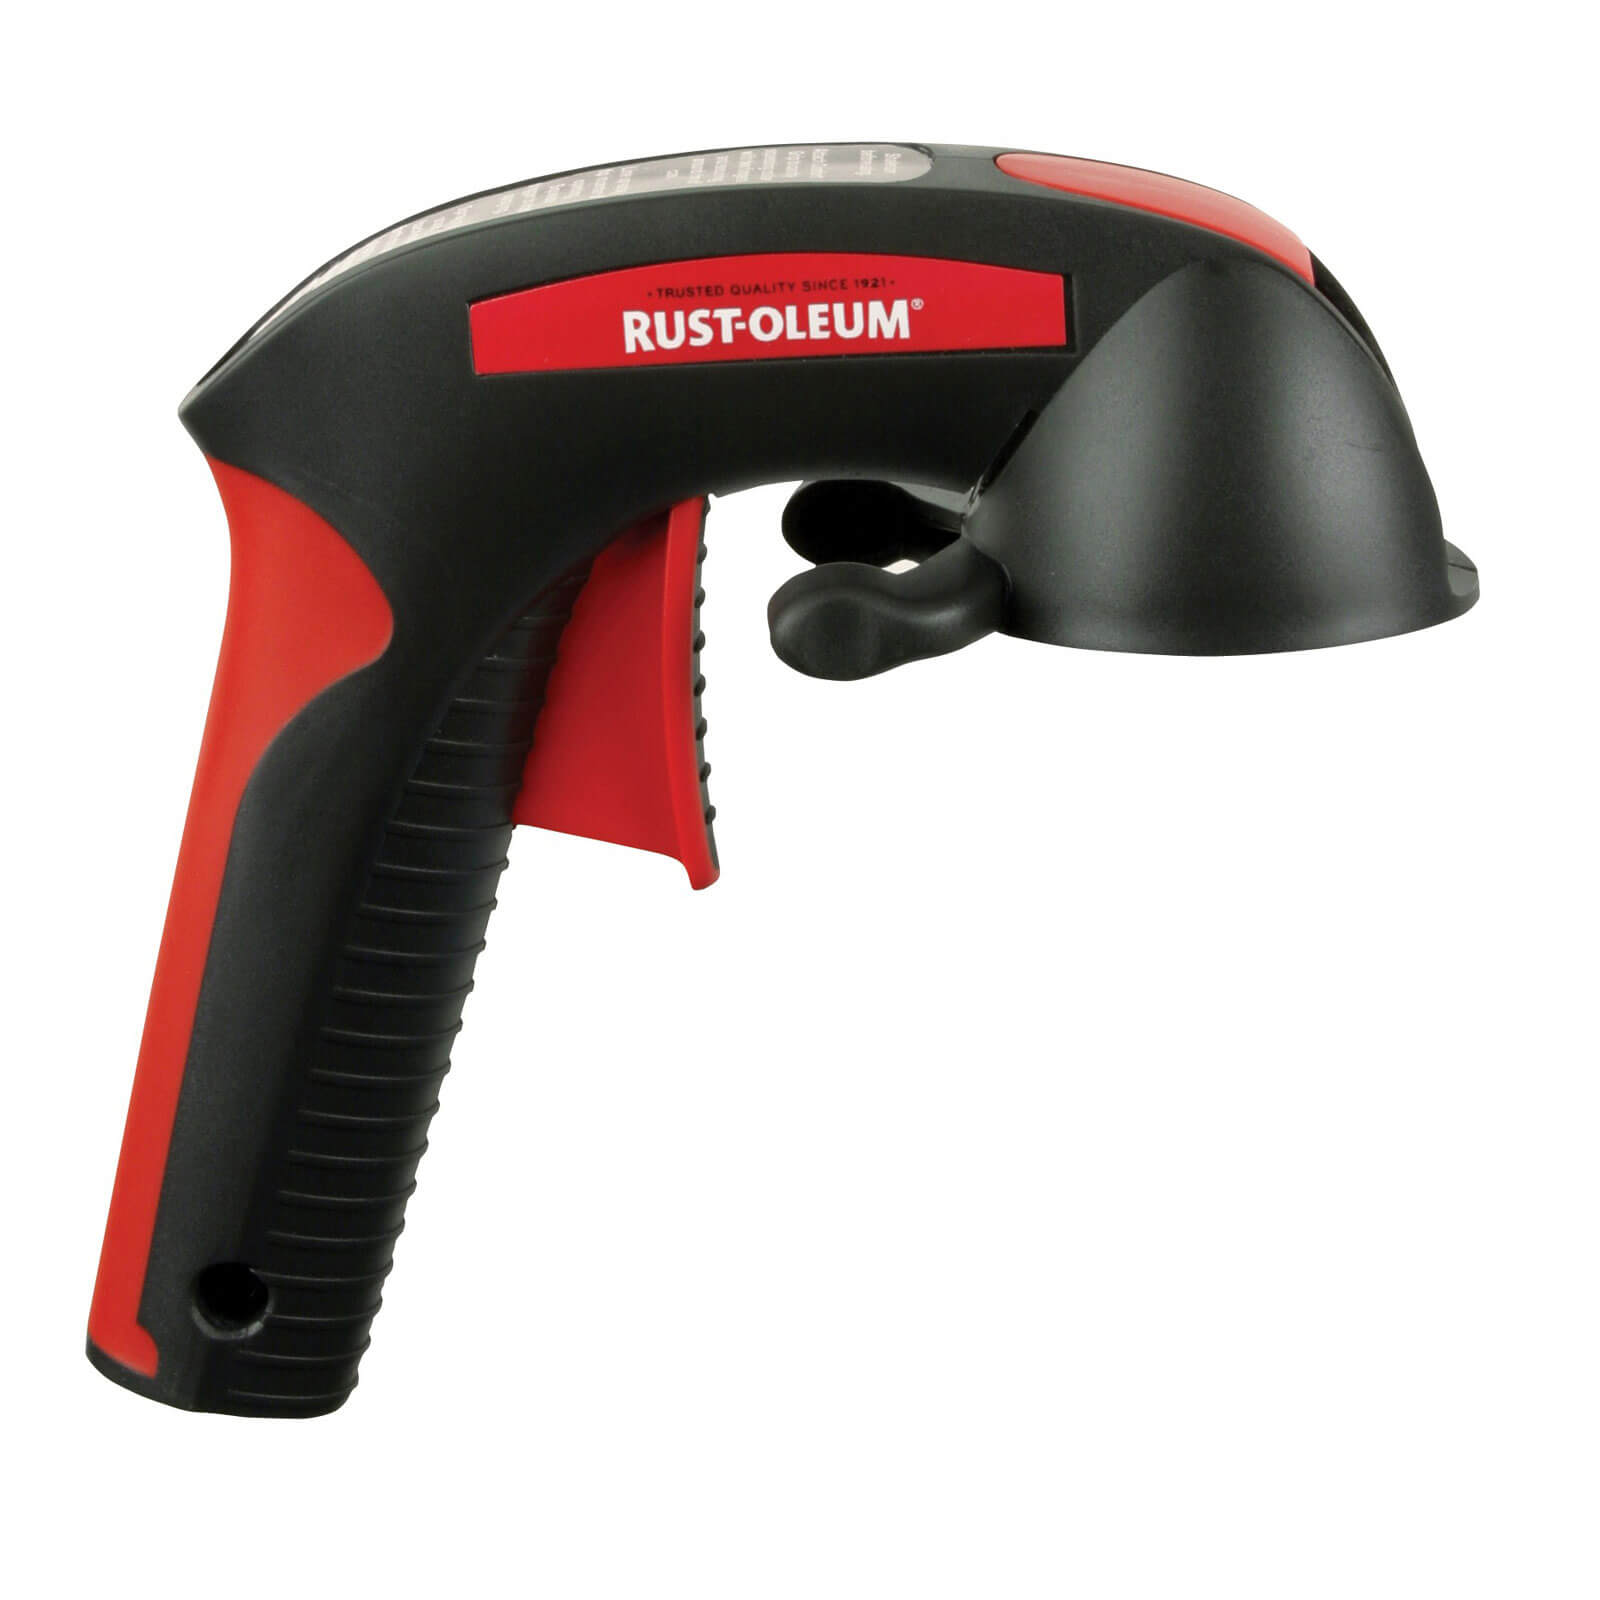 Image of Rust Oleum Comfort Spray Pistol Grip